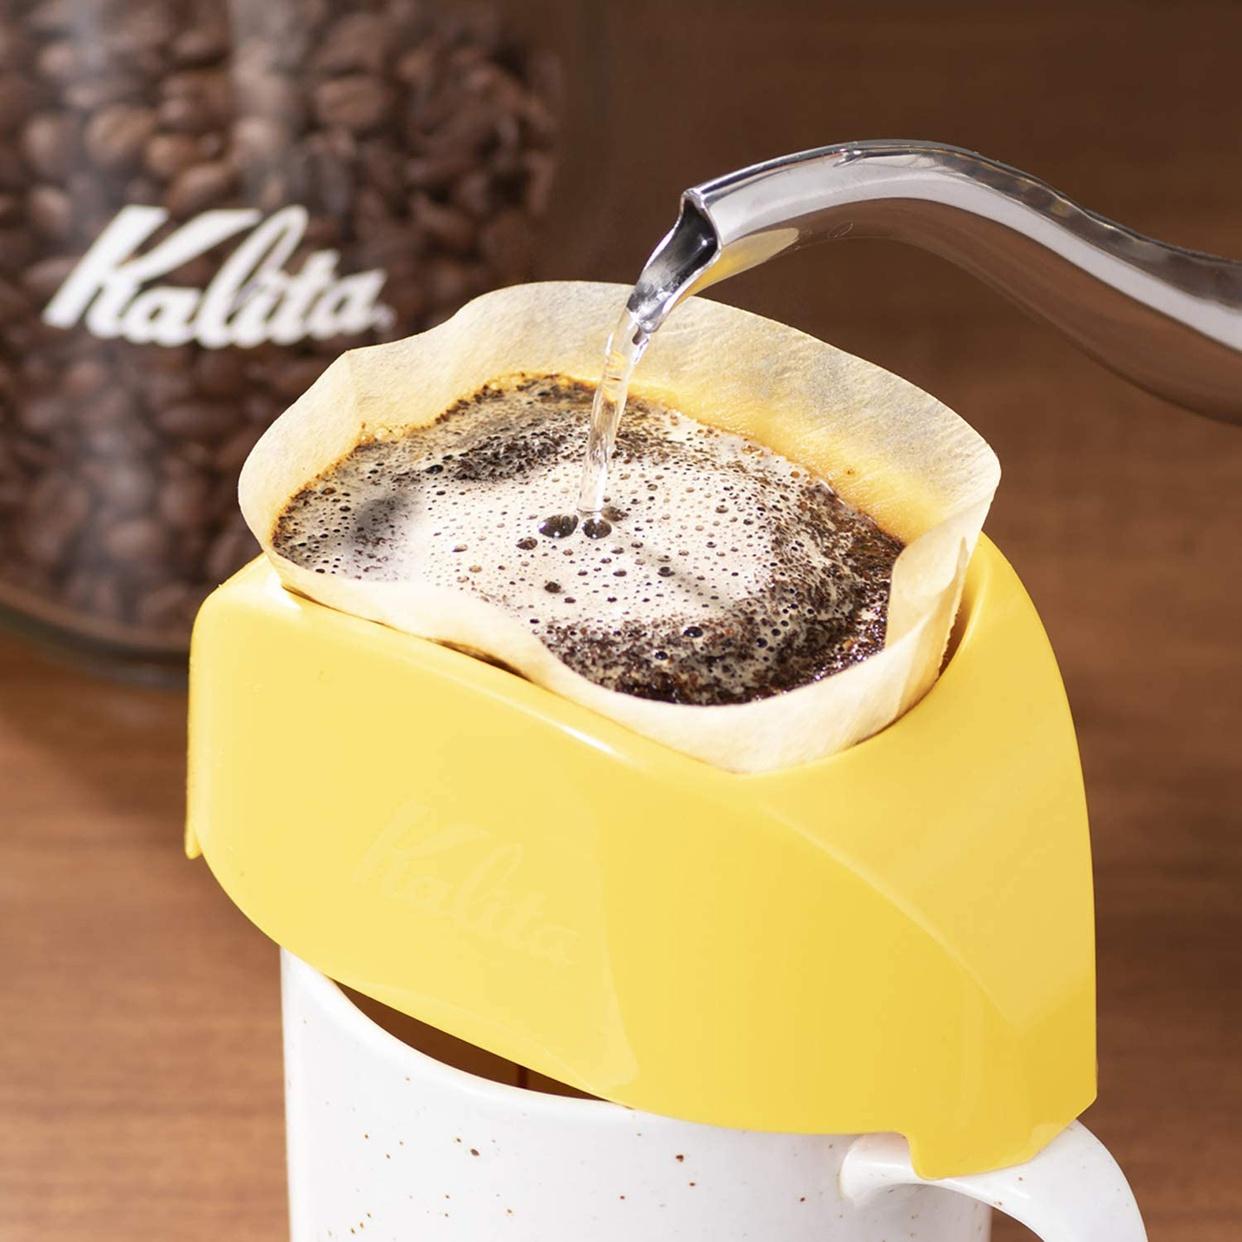 Kalita(カリタ) カフェ・トールの商品画像4